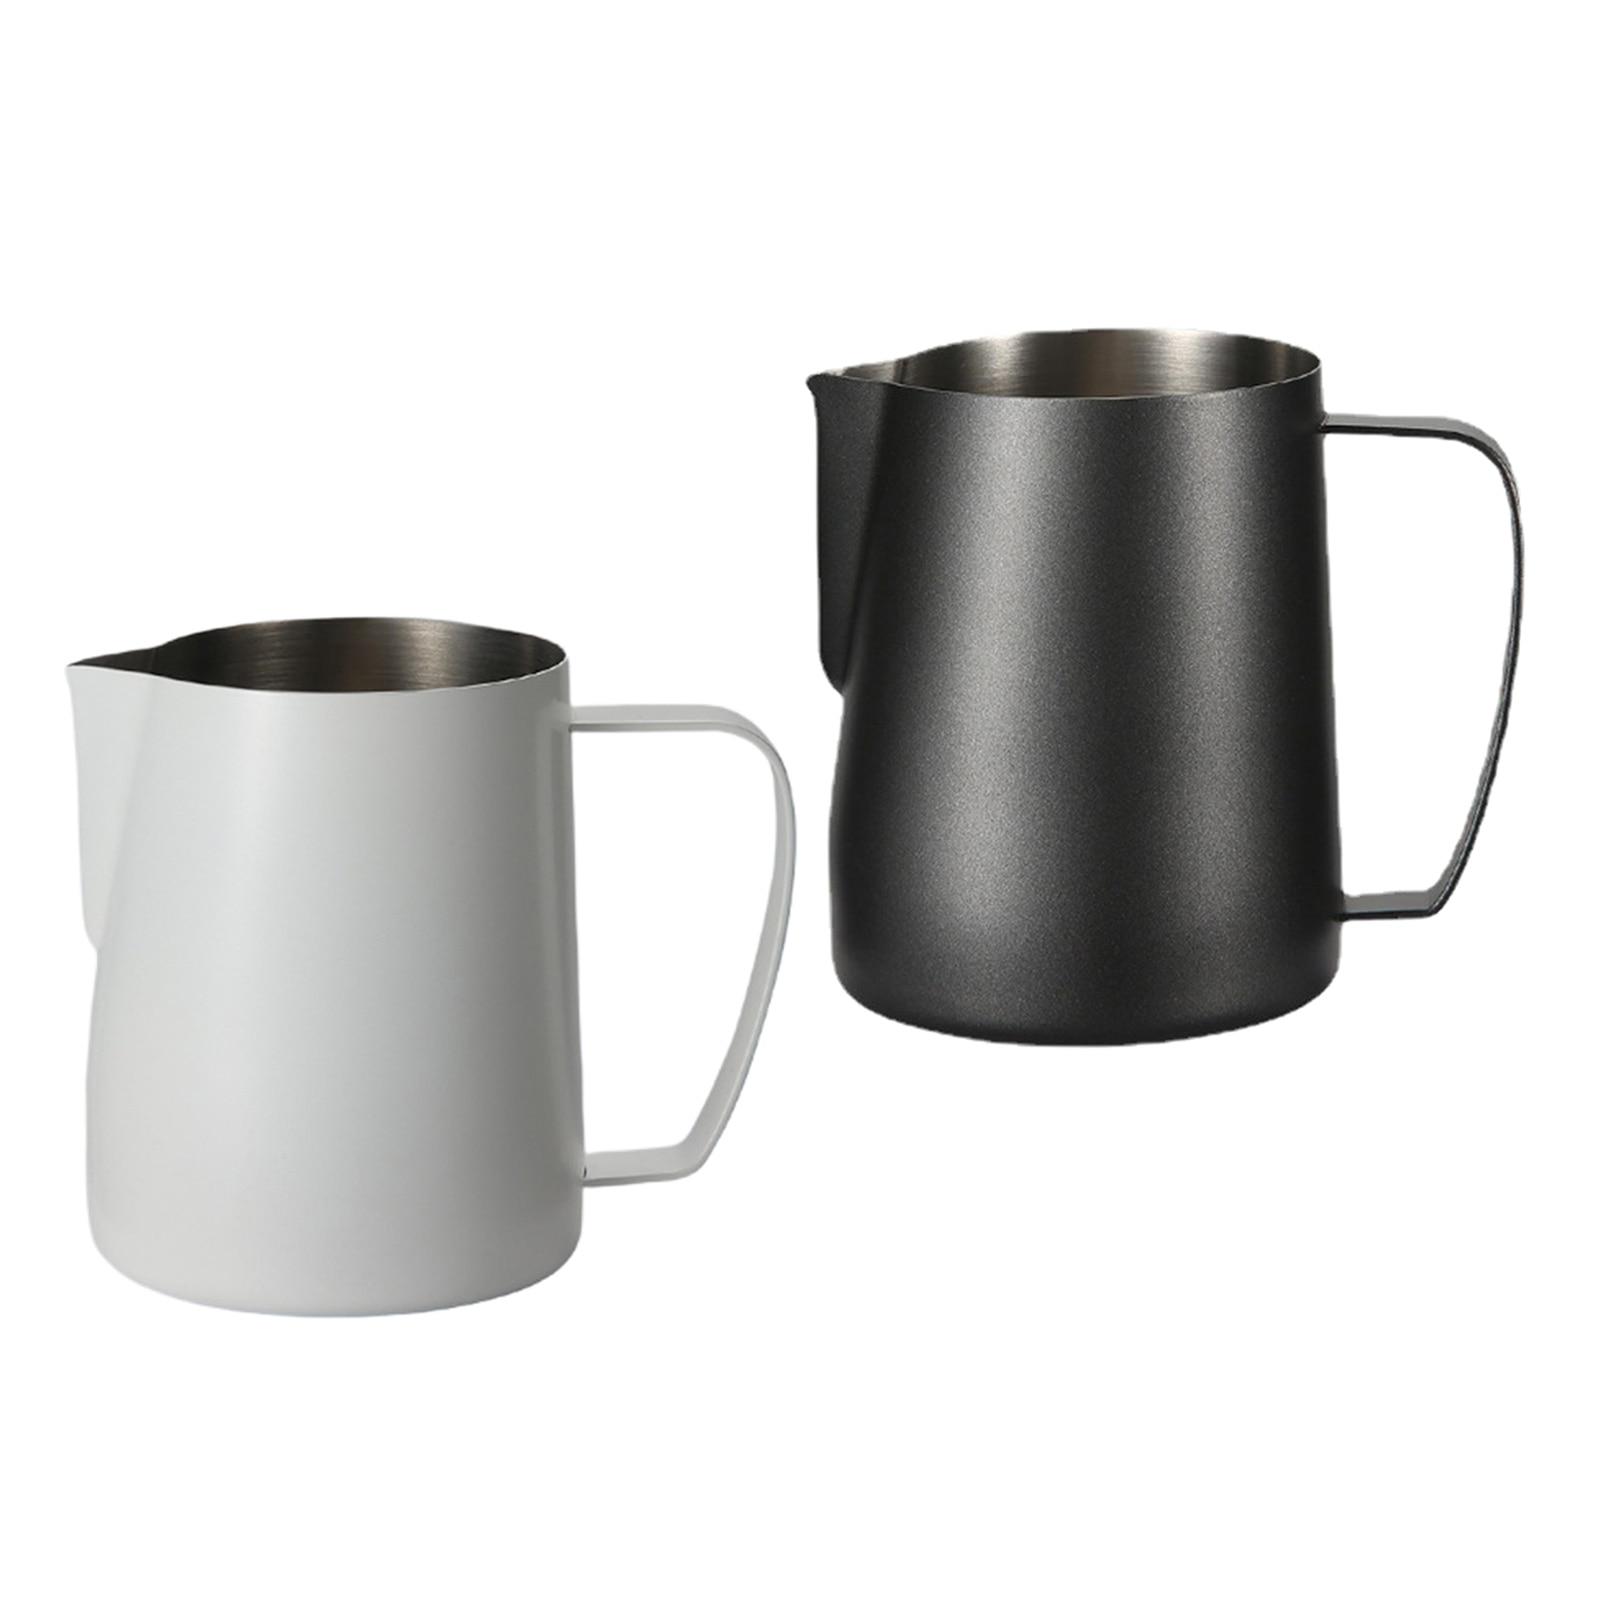 إسبريسو تبخير إبريق إسبرسو إبريق إزباد اللبن القهوة الحليب مزبد كوب القهوة تبخير إبريق